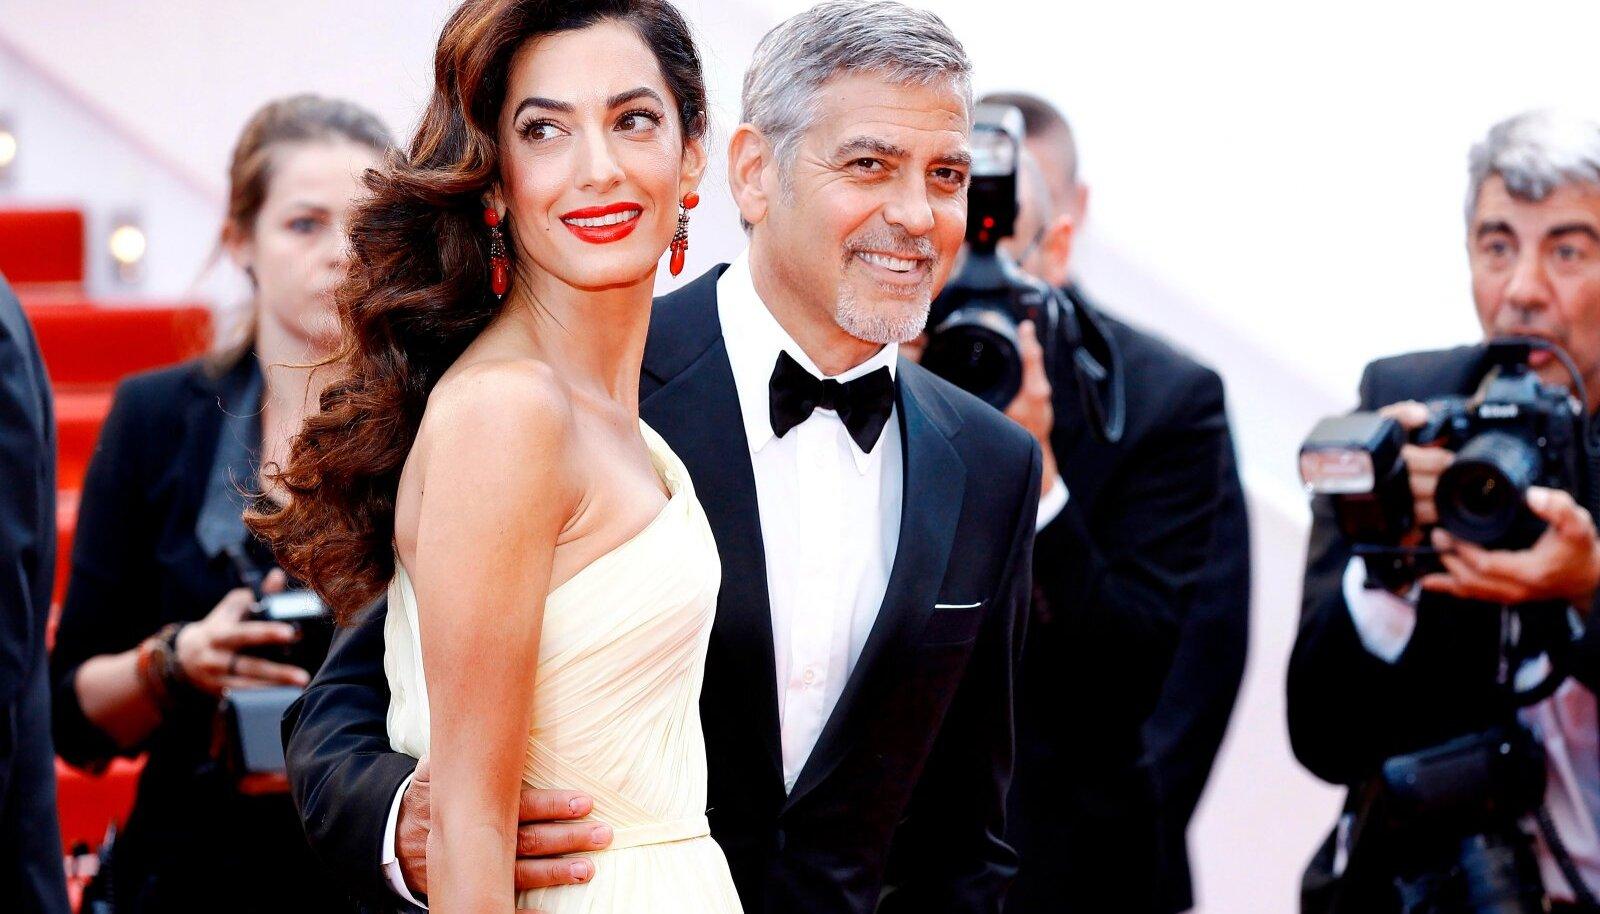 Clooney jahtis Amali mitu kuud, enne kui too oli nõus temaga kohtuma. Seitse kuud pärast kohtumist otsustati abielluda.